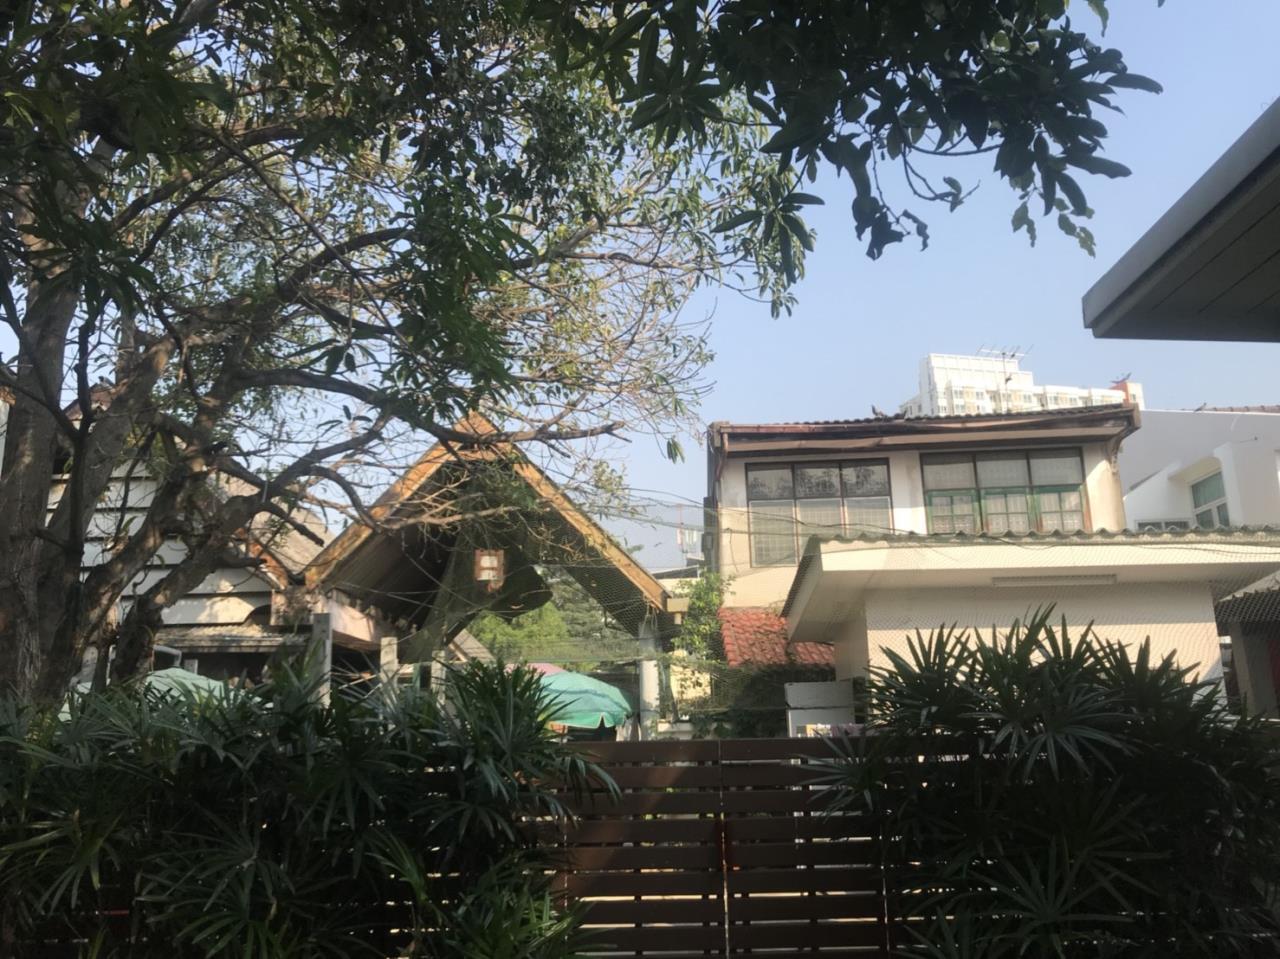 ขาย บ้าน แขวงวงศ์สว่าง เขตบางซื่อ กรุงเทพมหานคร, ภาพที่ 1